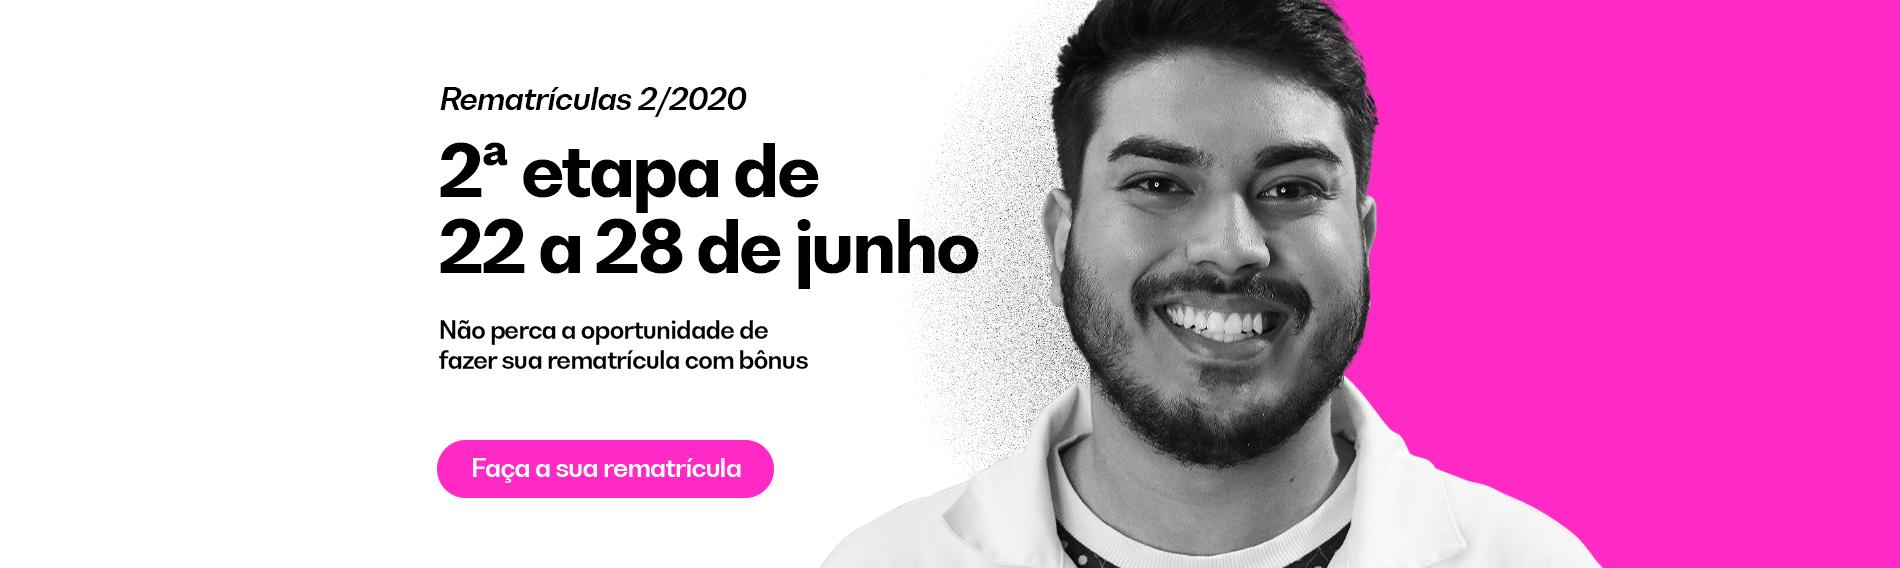 Rematrículas 2/2020